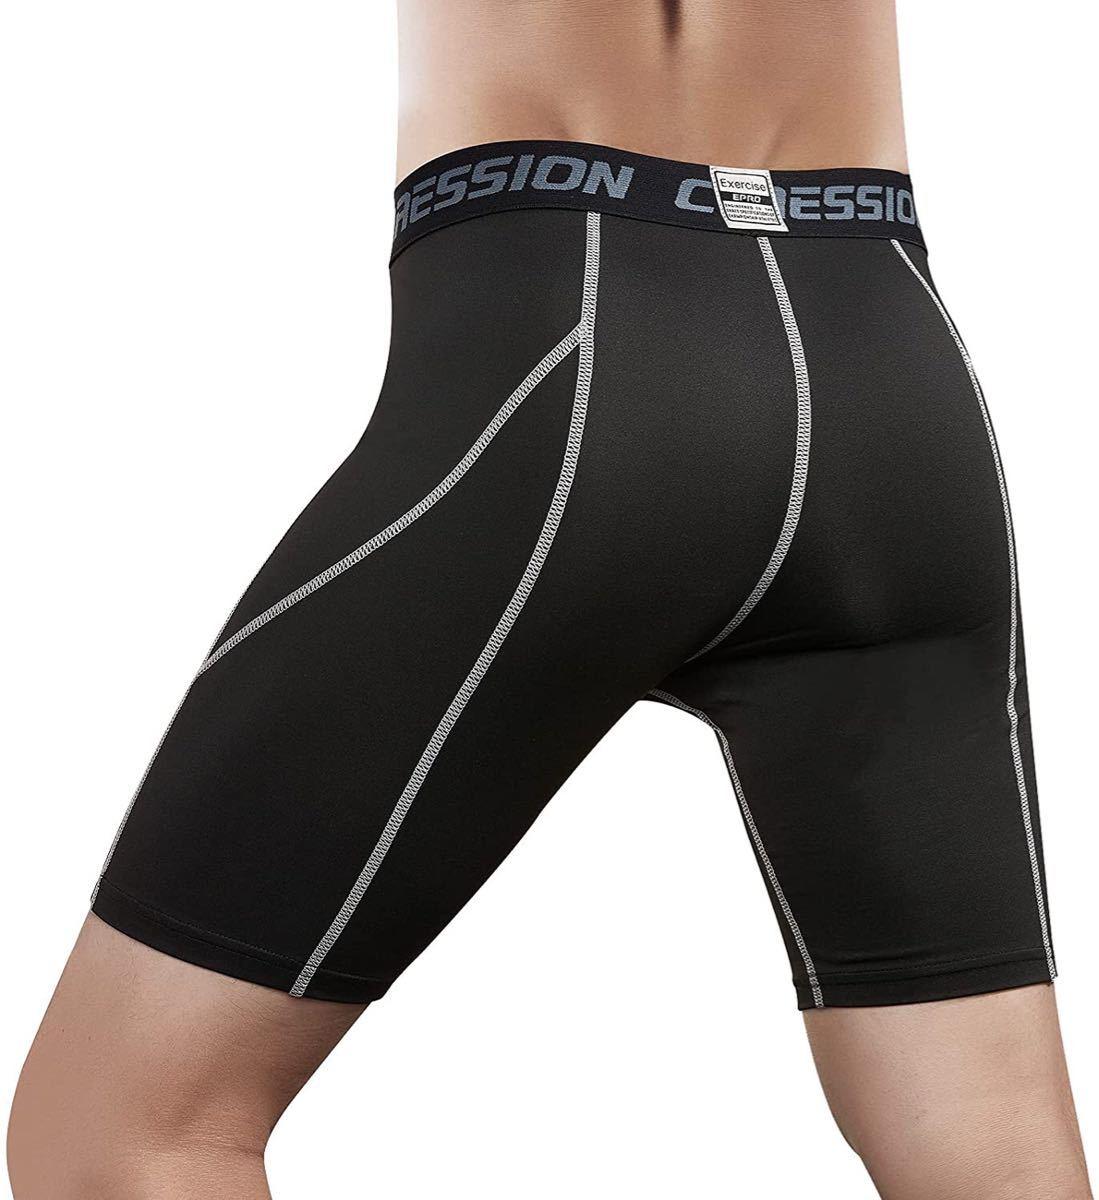 コンプレッション ショート パンツ スポーツ UVカット + 吸汗速乾 加圧